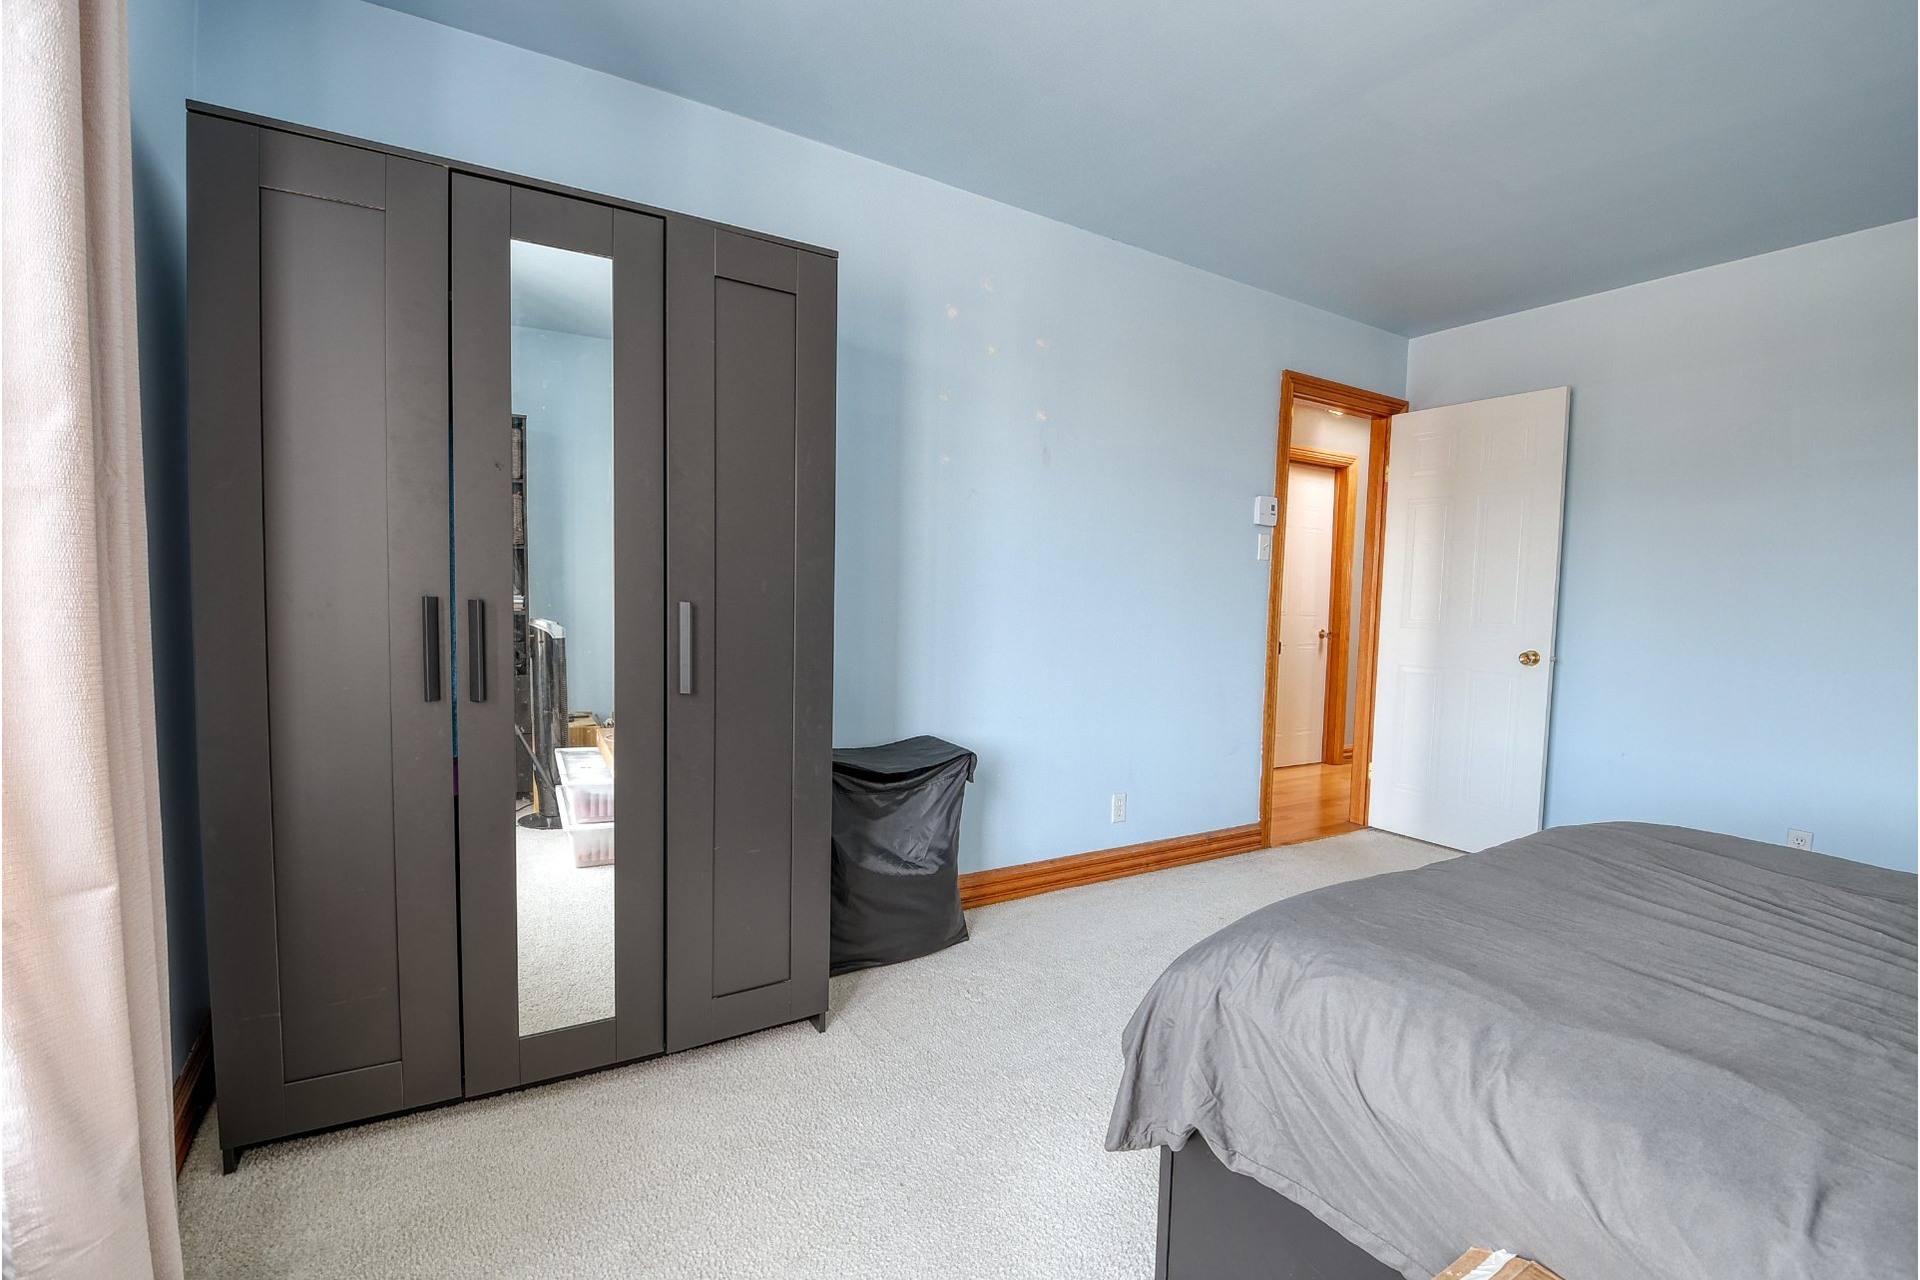 image 15 - Appartement À vendre Mercier/Hochelaga-Maisonneuve Montréal  - 6 pièces